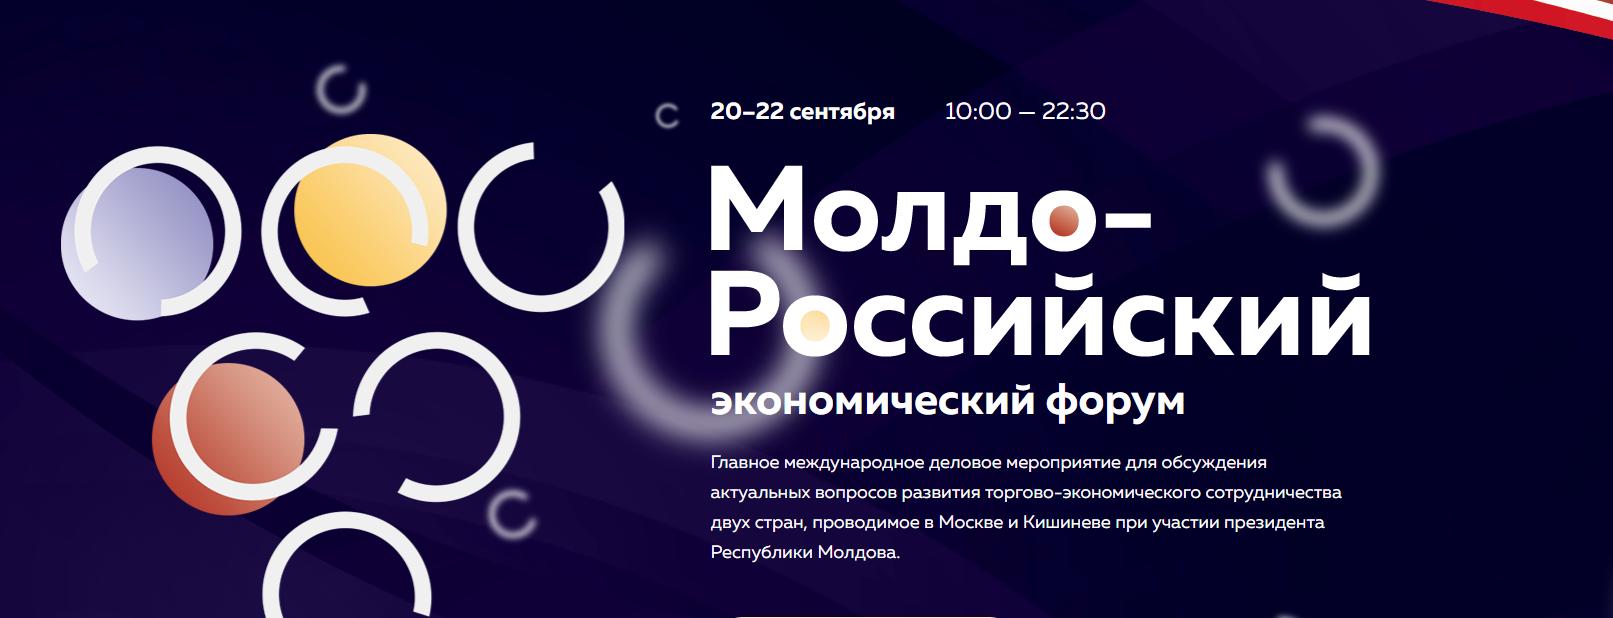 Молдо-Российский экономический форум